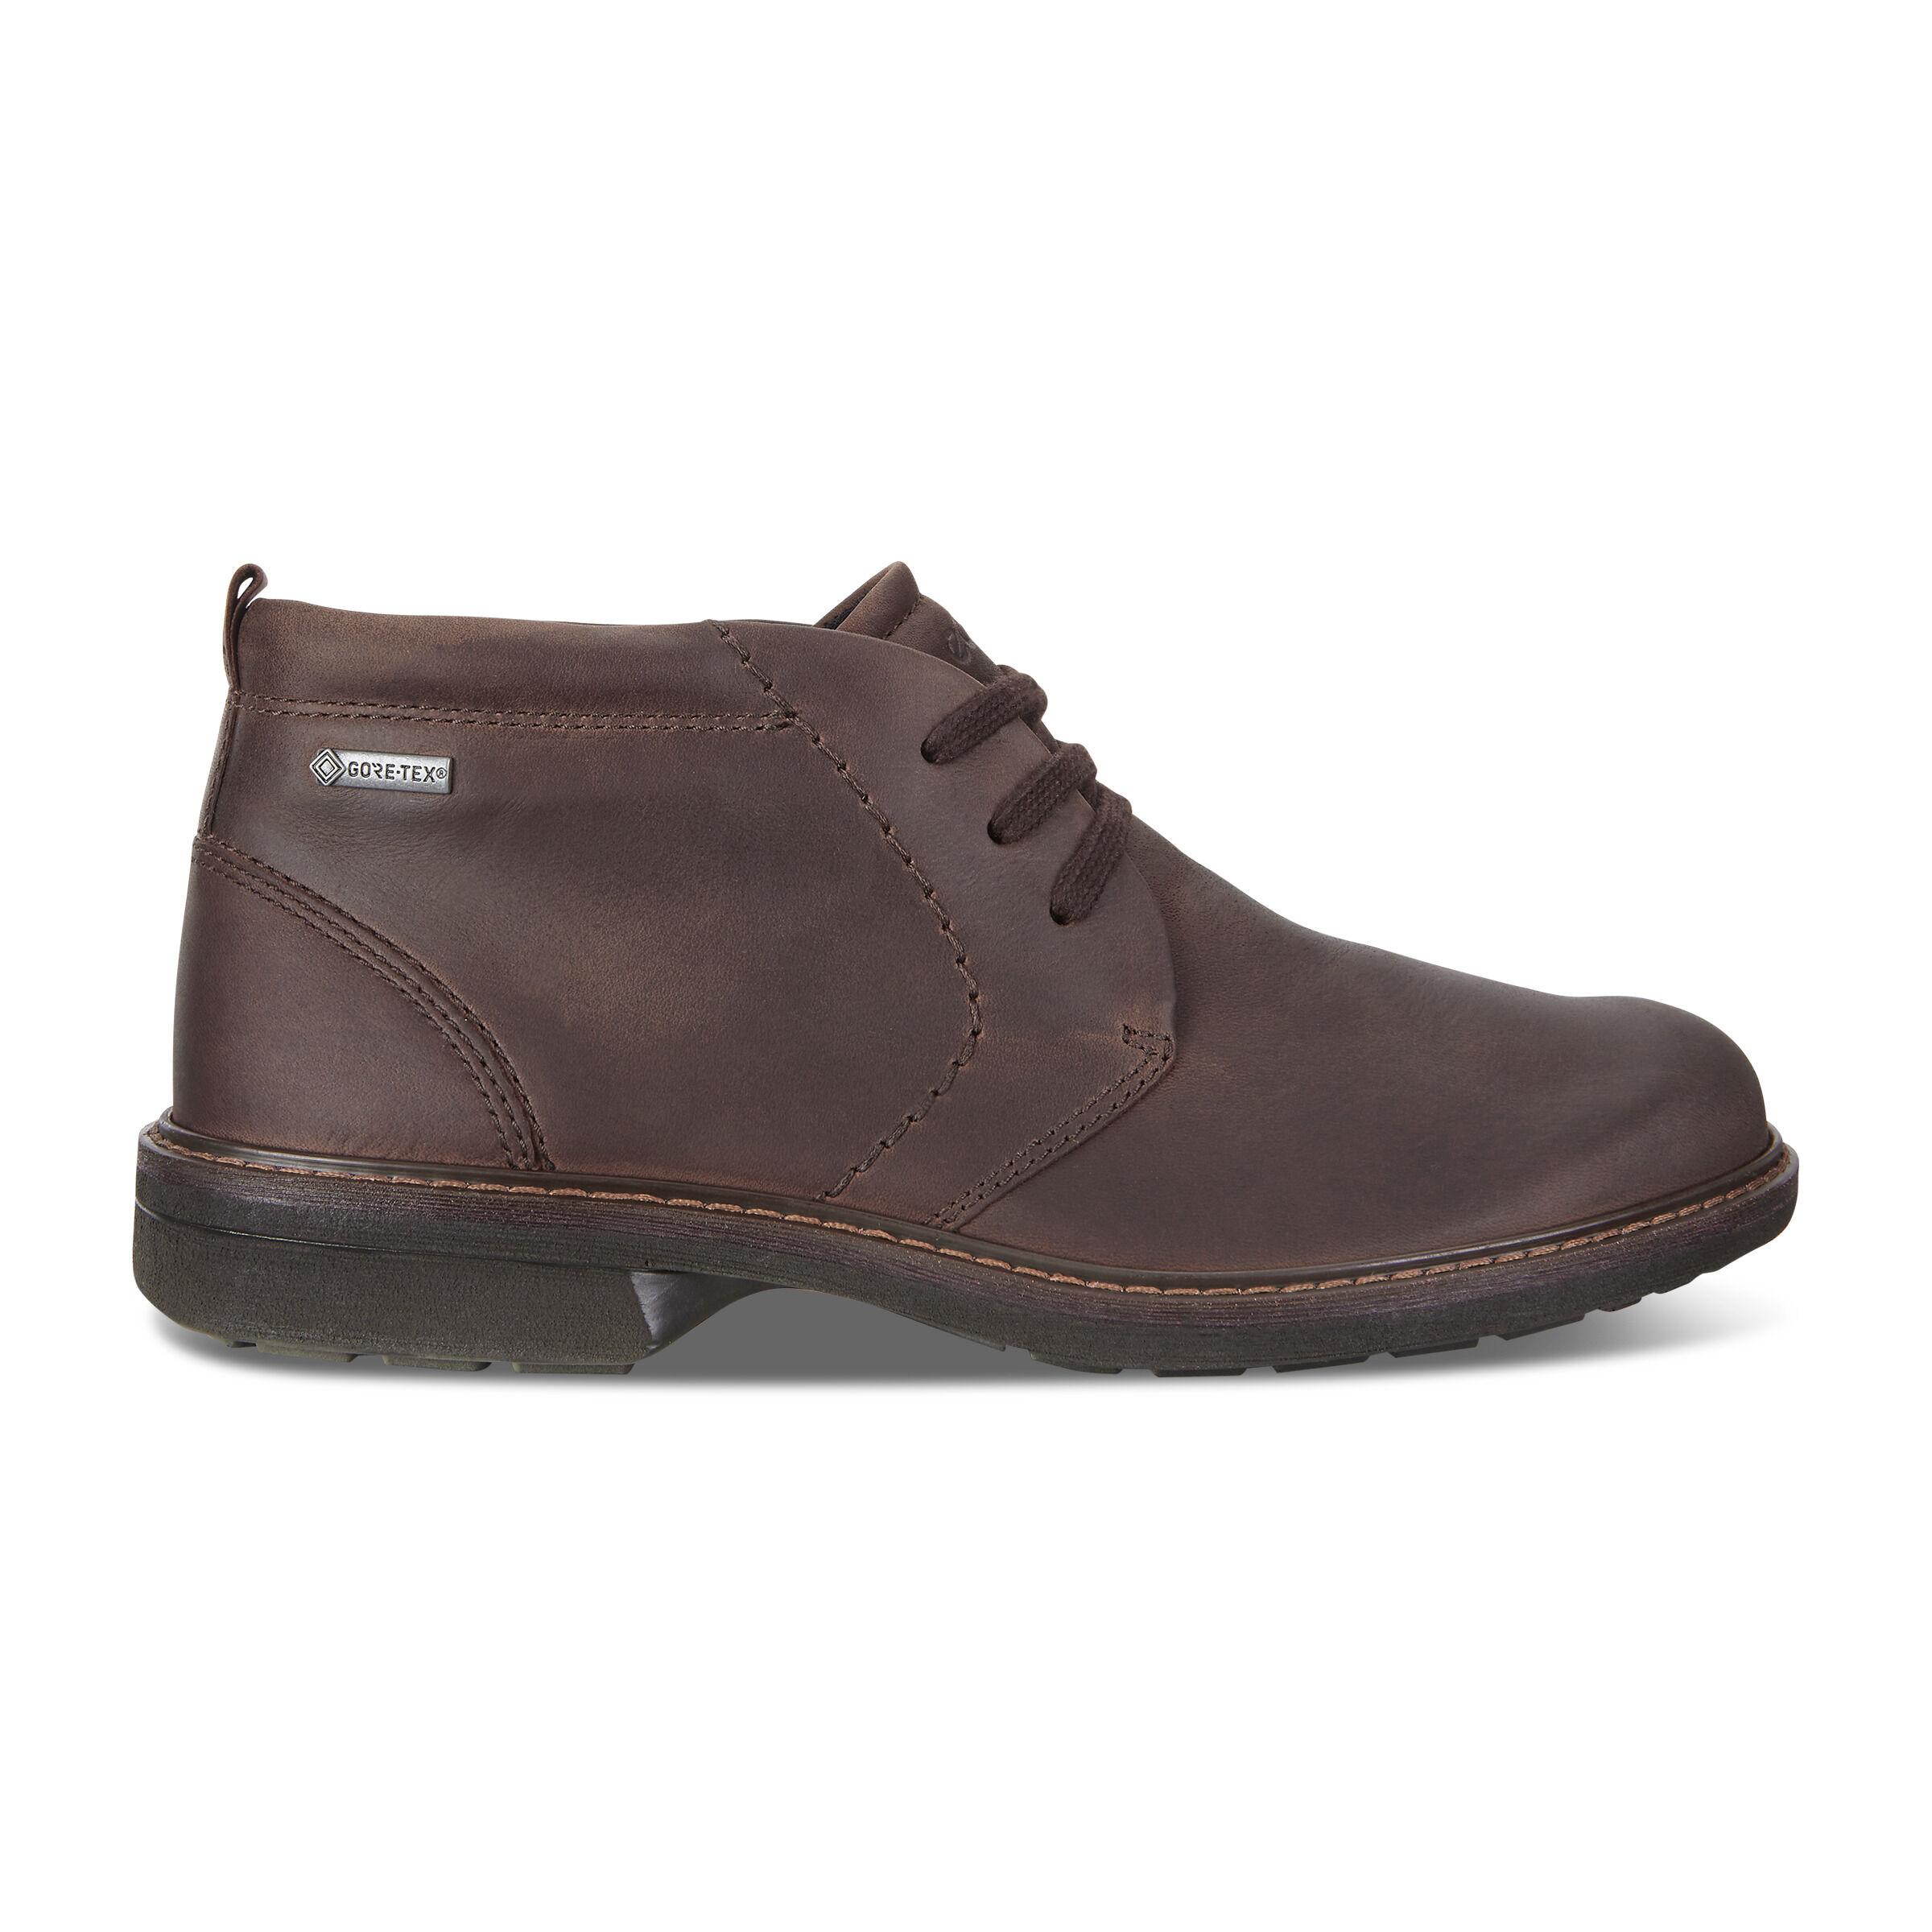 에코 ECCO TURN Mens Ankle Boot,cocoa brown